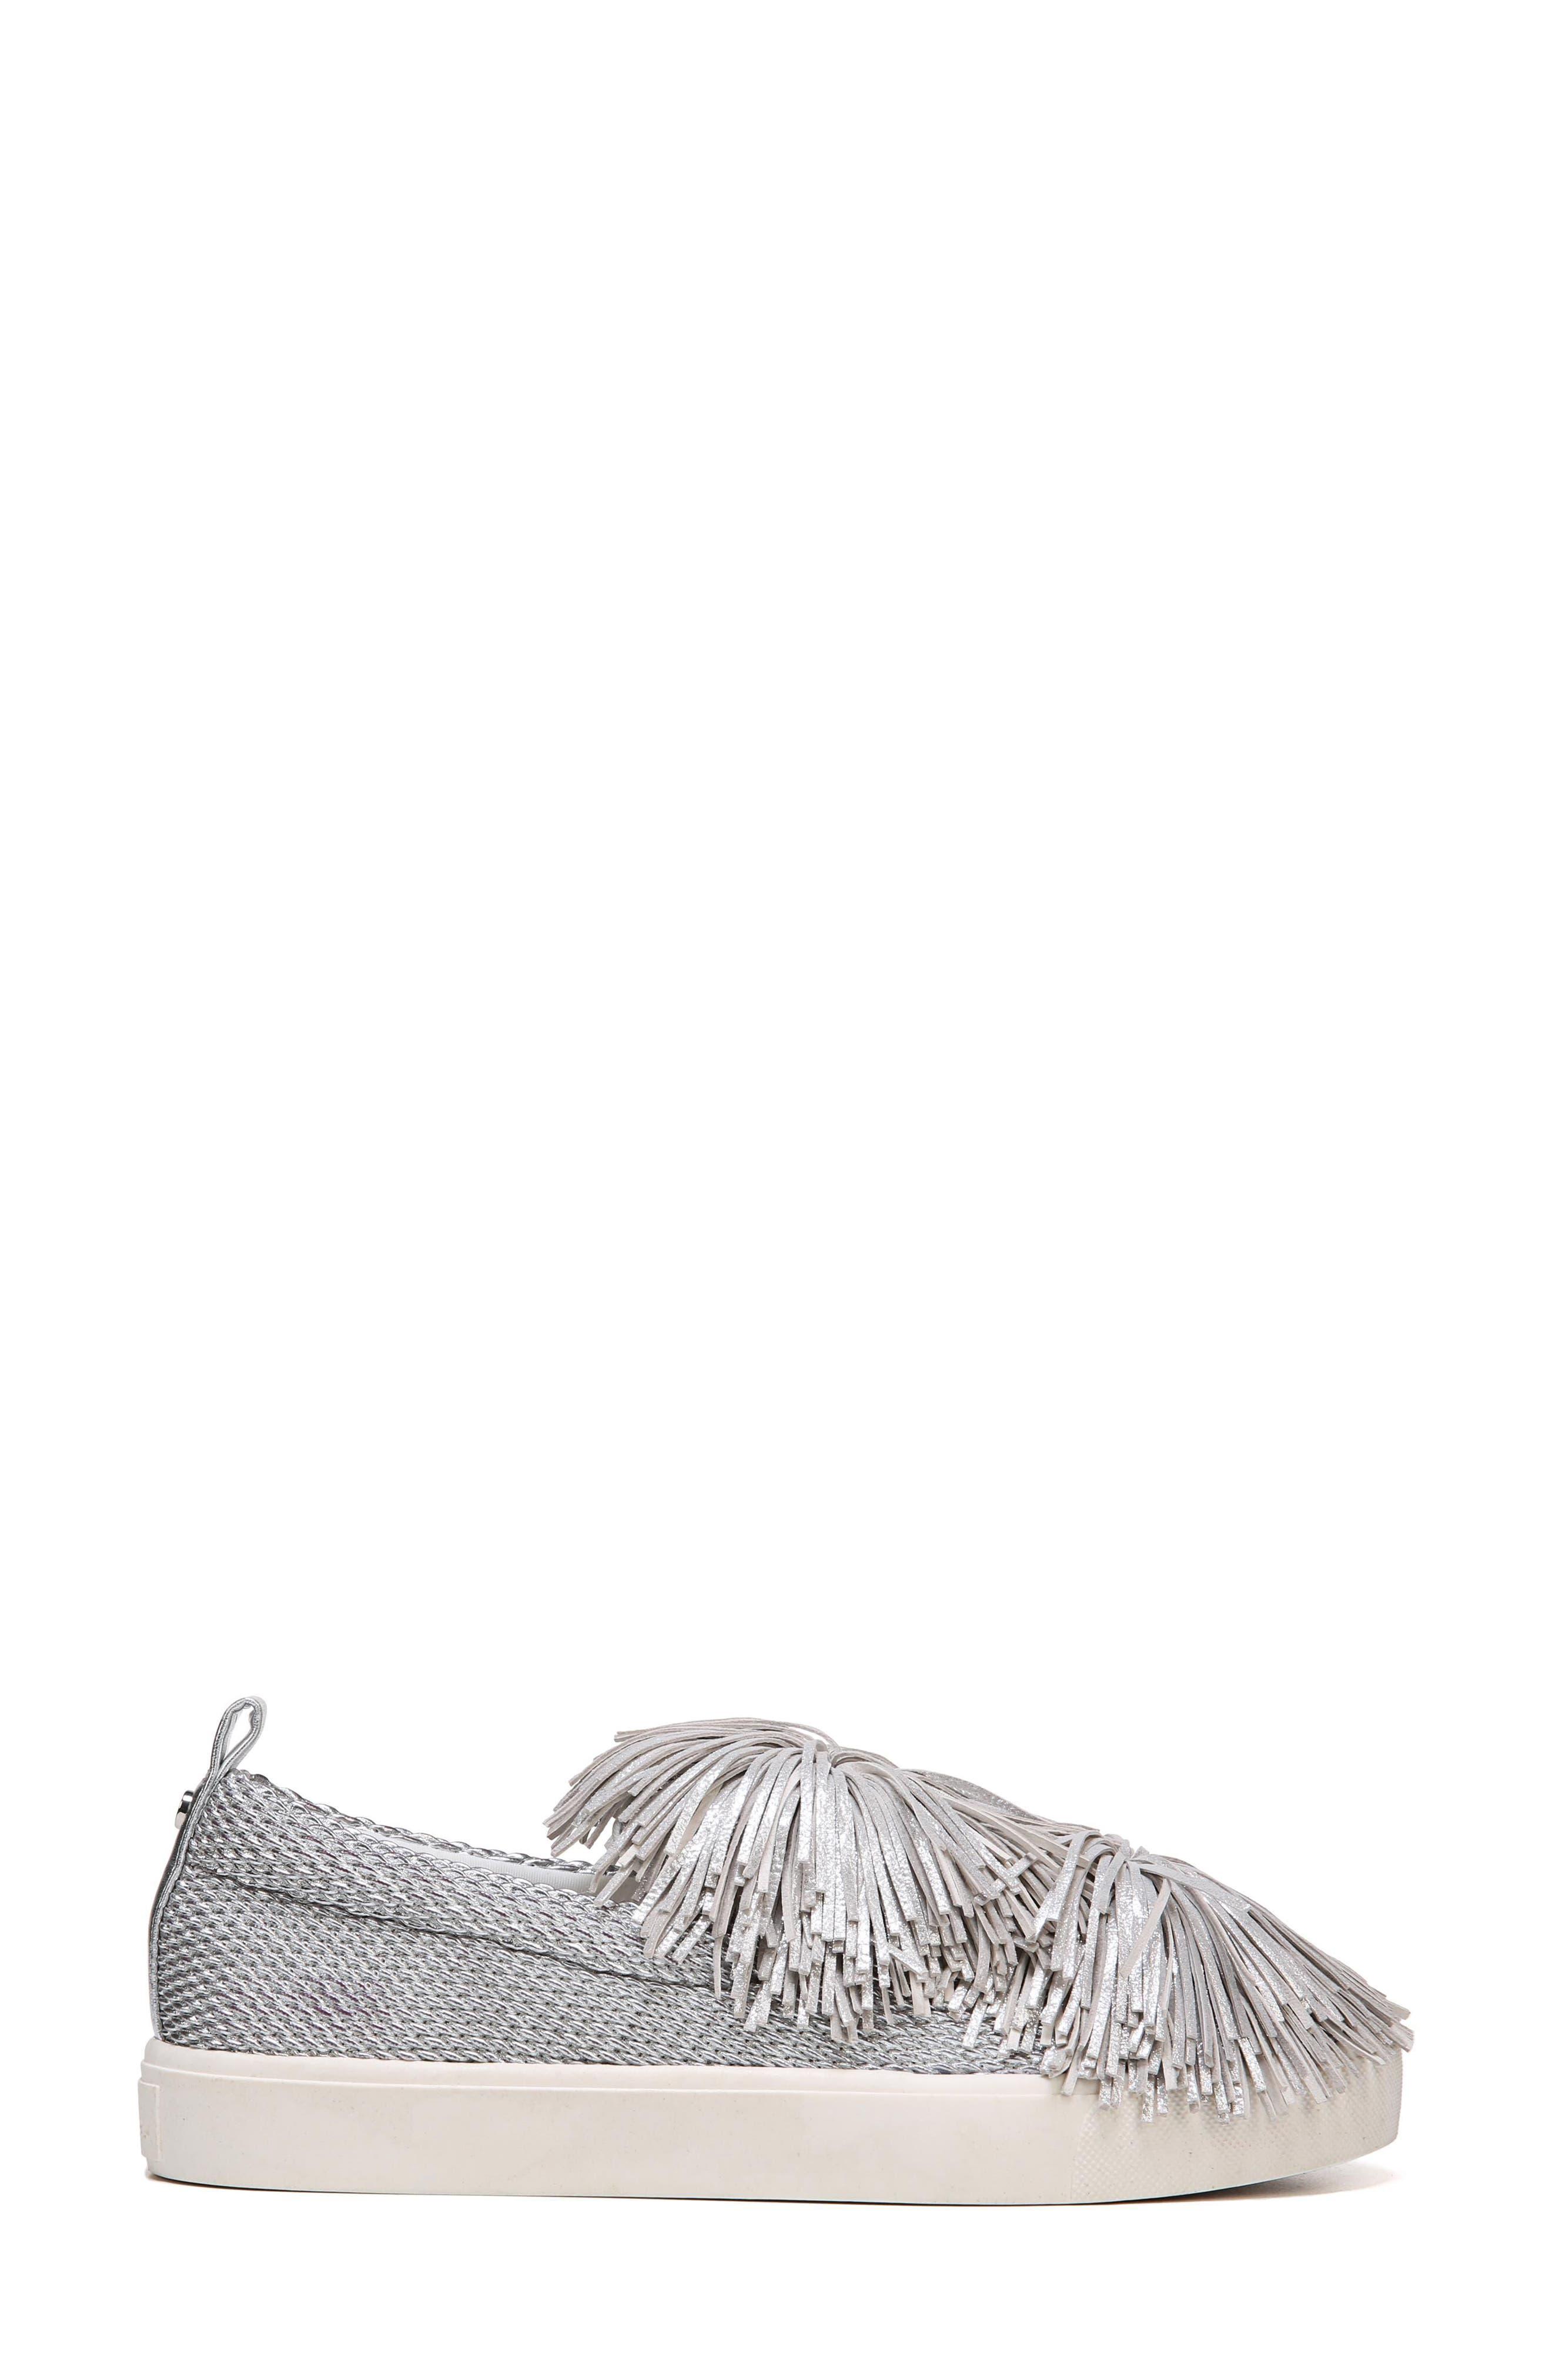 Alternate Image 3  - Sam Edelman Emory Fringe Pompom Sneaker (Women)